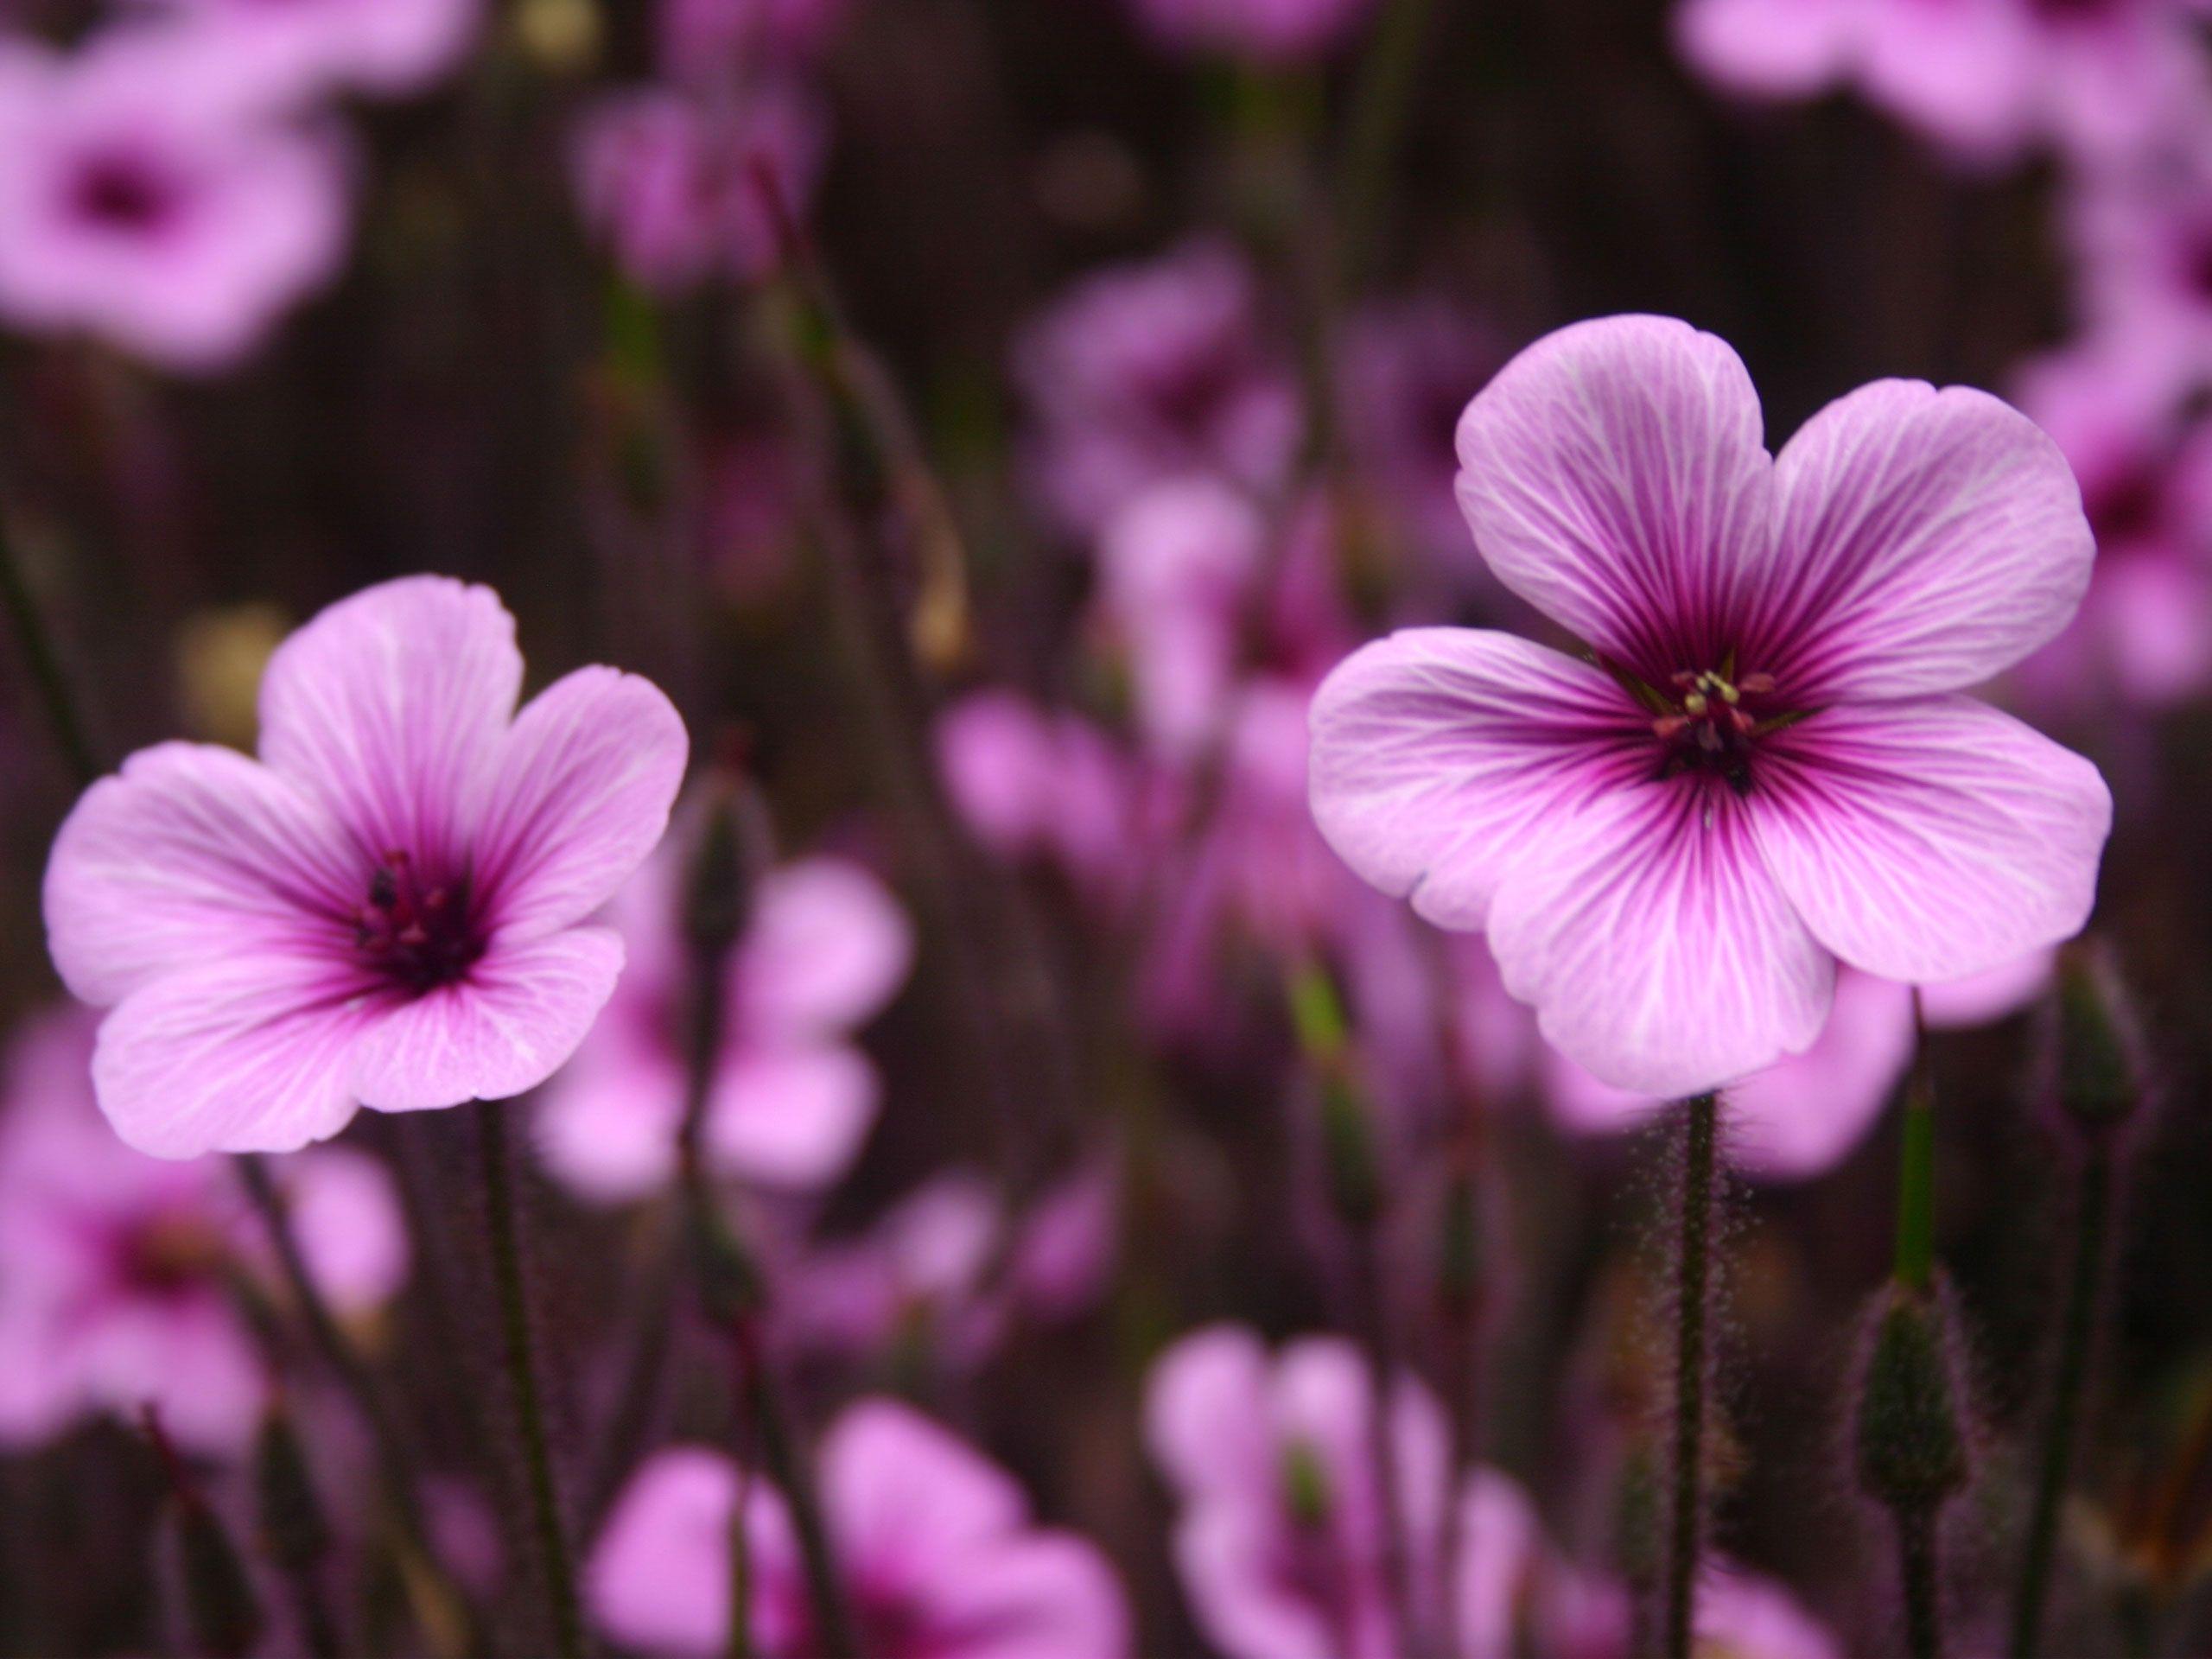 HD Flower Wallpaper Free Purple Flowers Wallpaper In